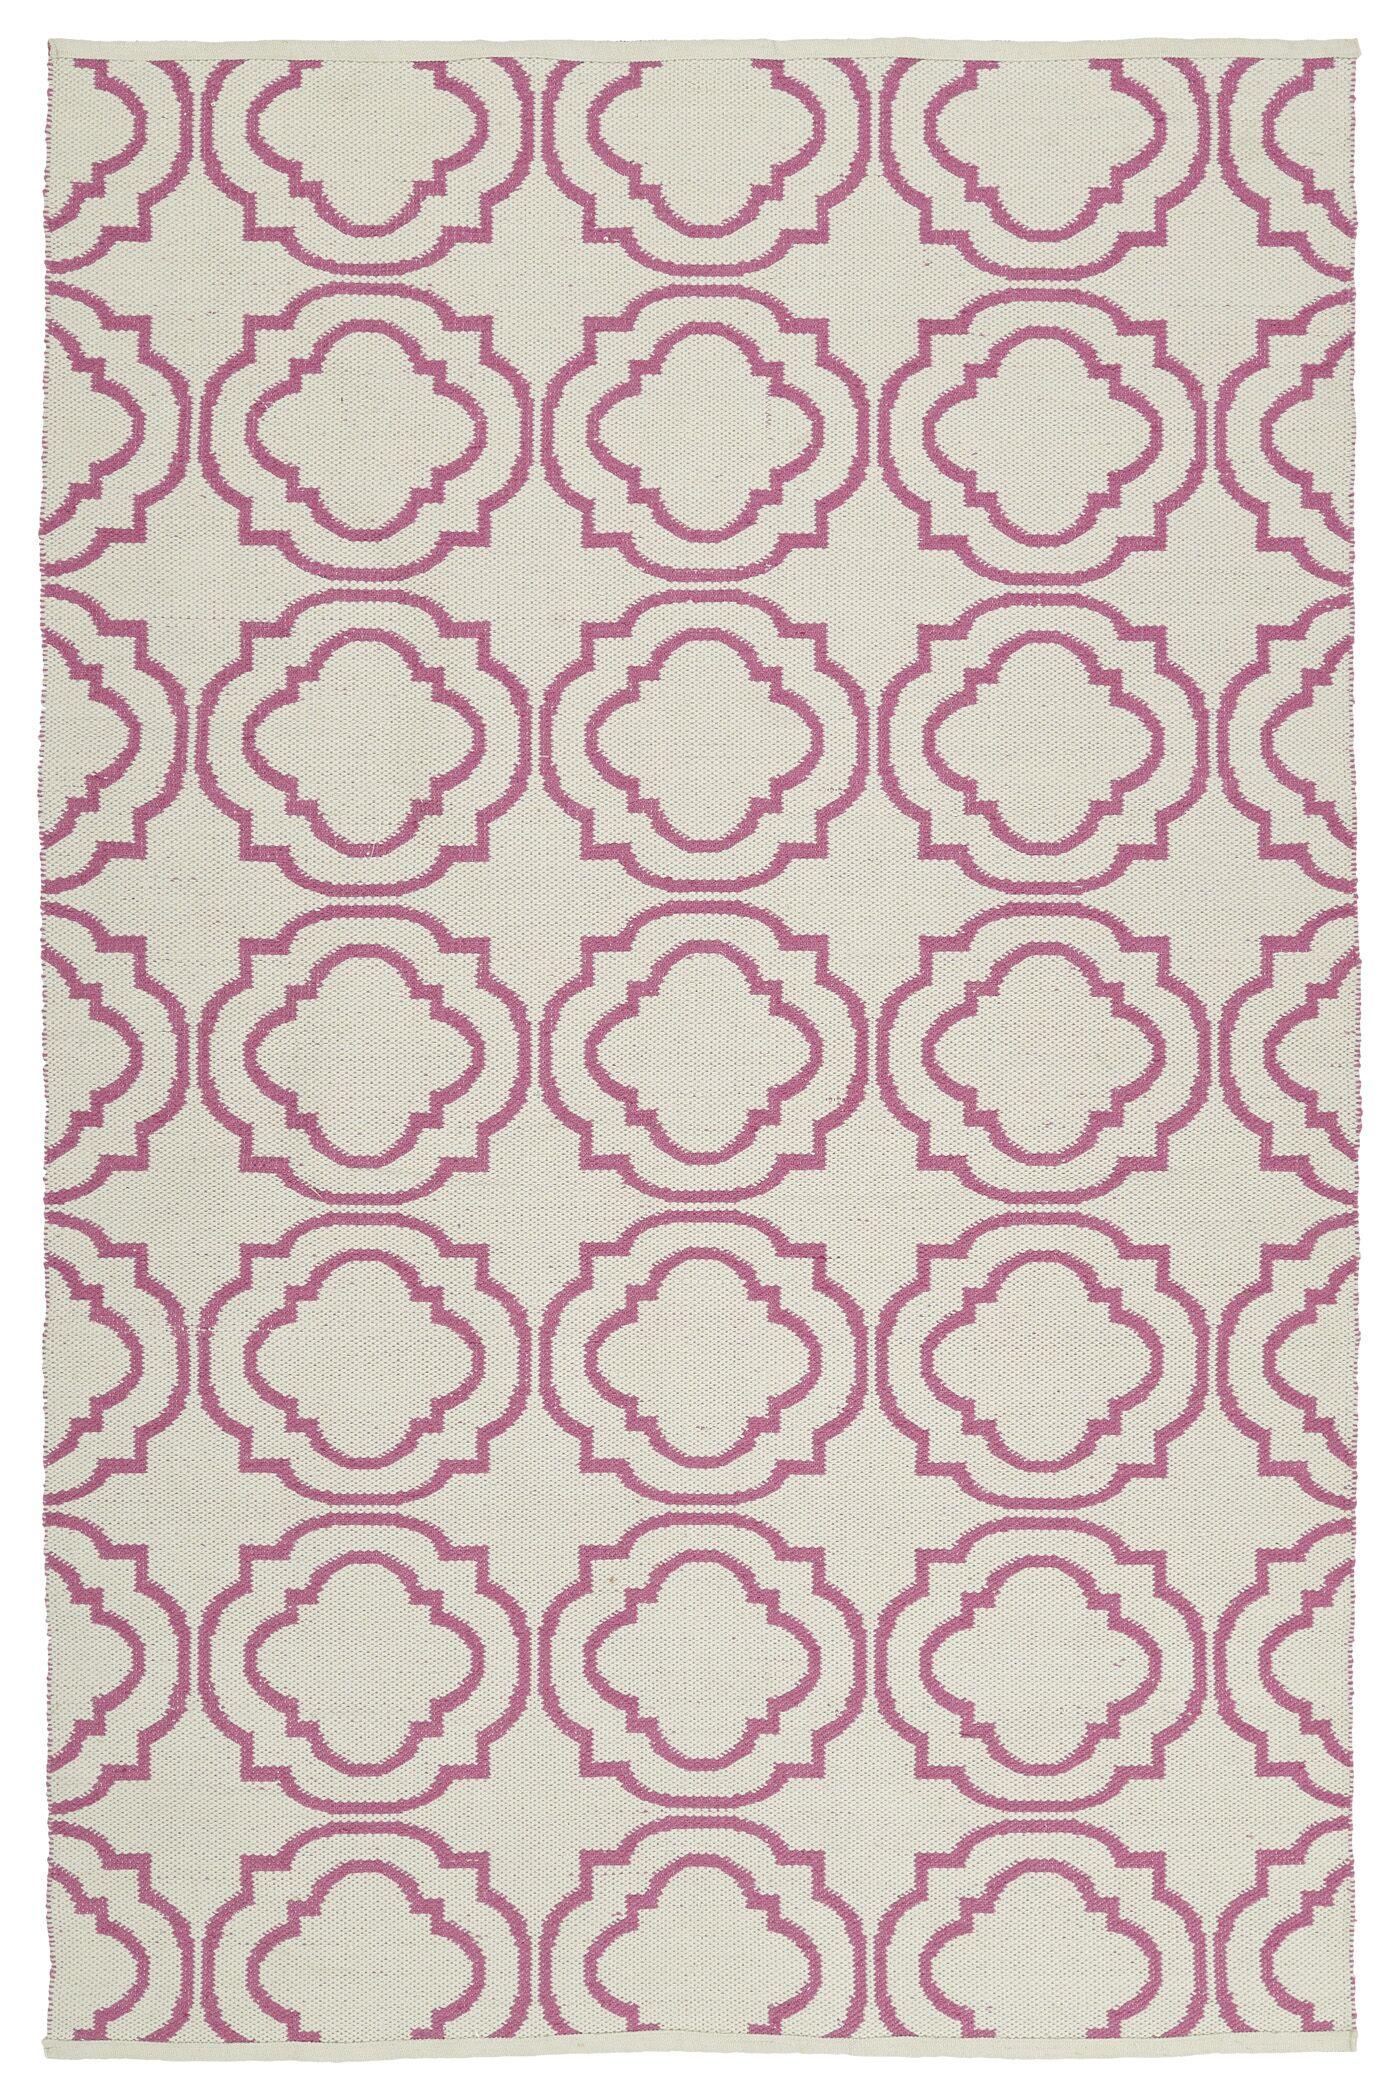 Bockman Cream/Pink Indoor/Outdoor Area Rug Rug Size: Rectangle 8' x 10'